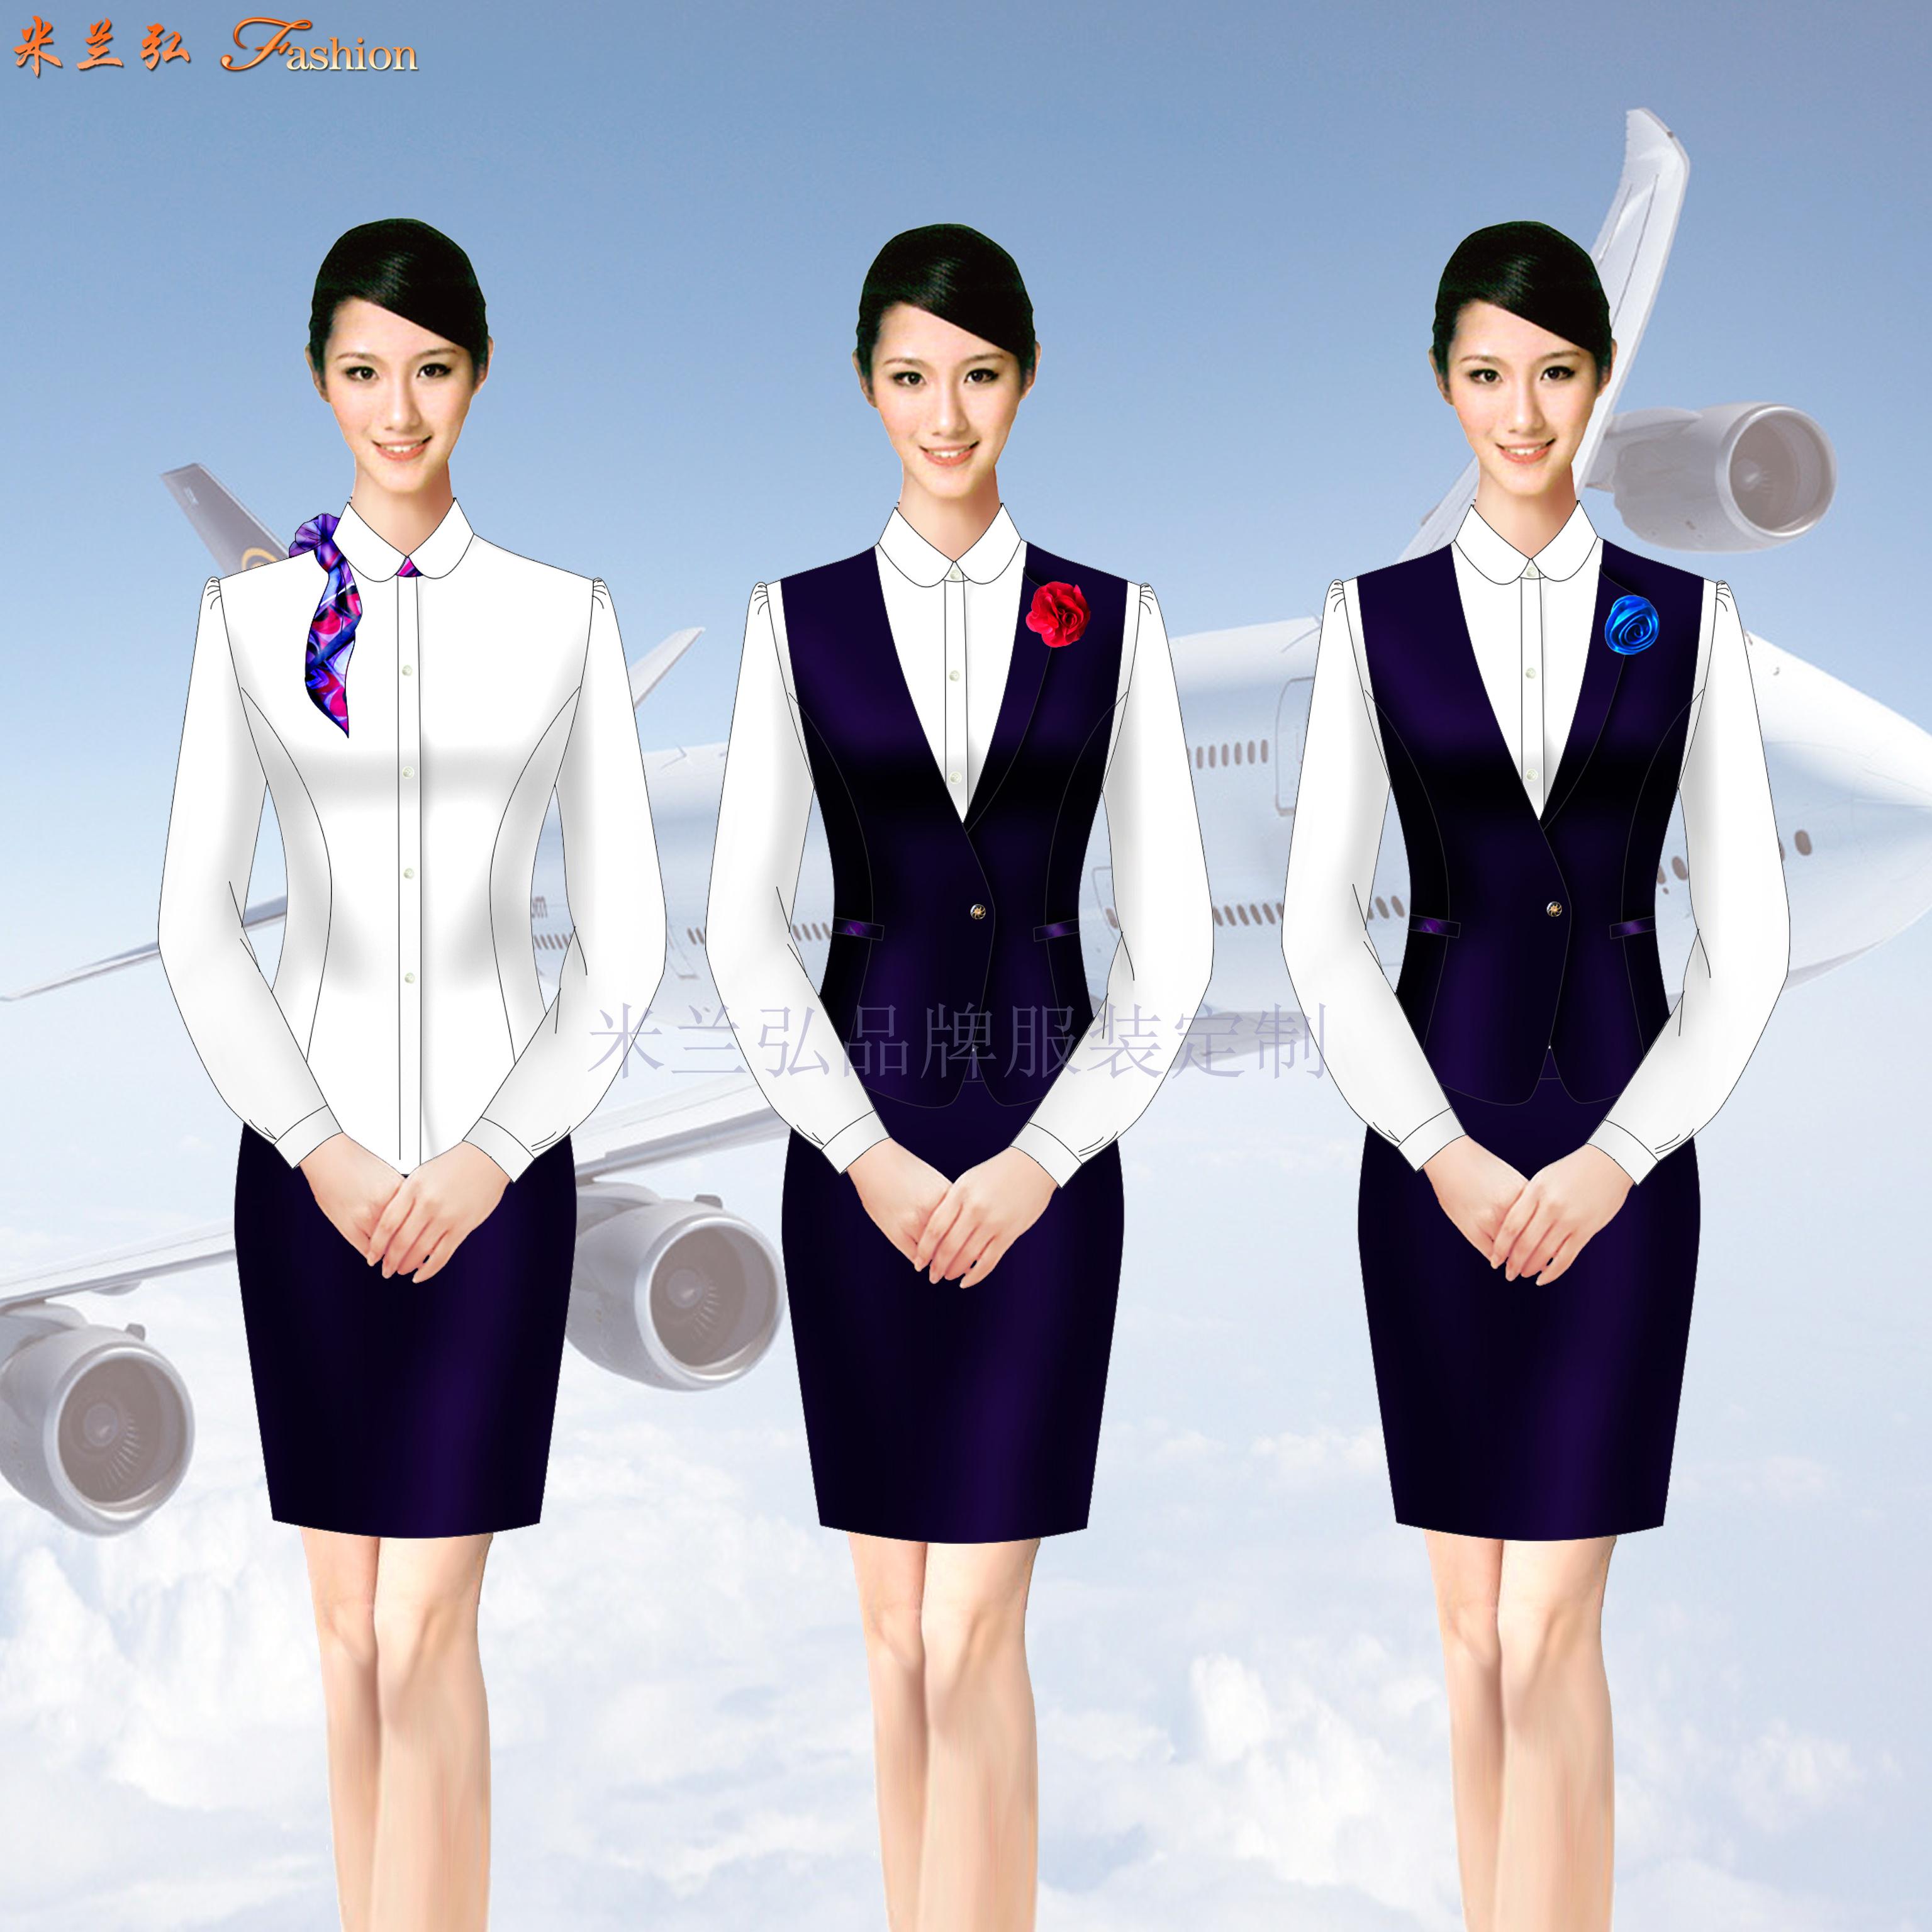 四川空姐服定制-四川空姐服定做價格-米蘭弘服裝-3